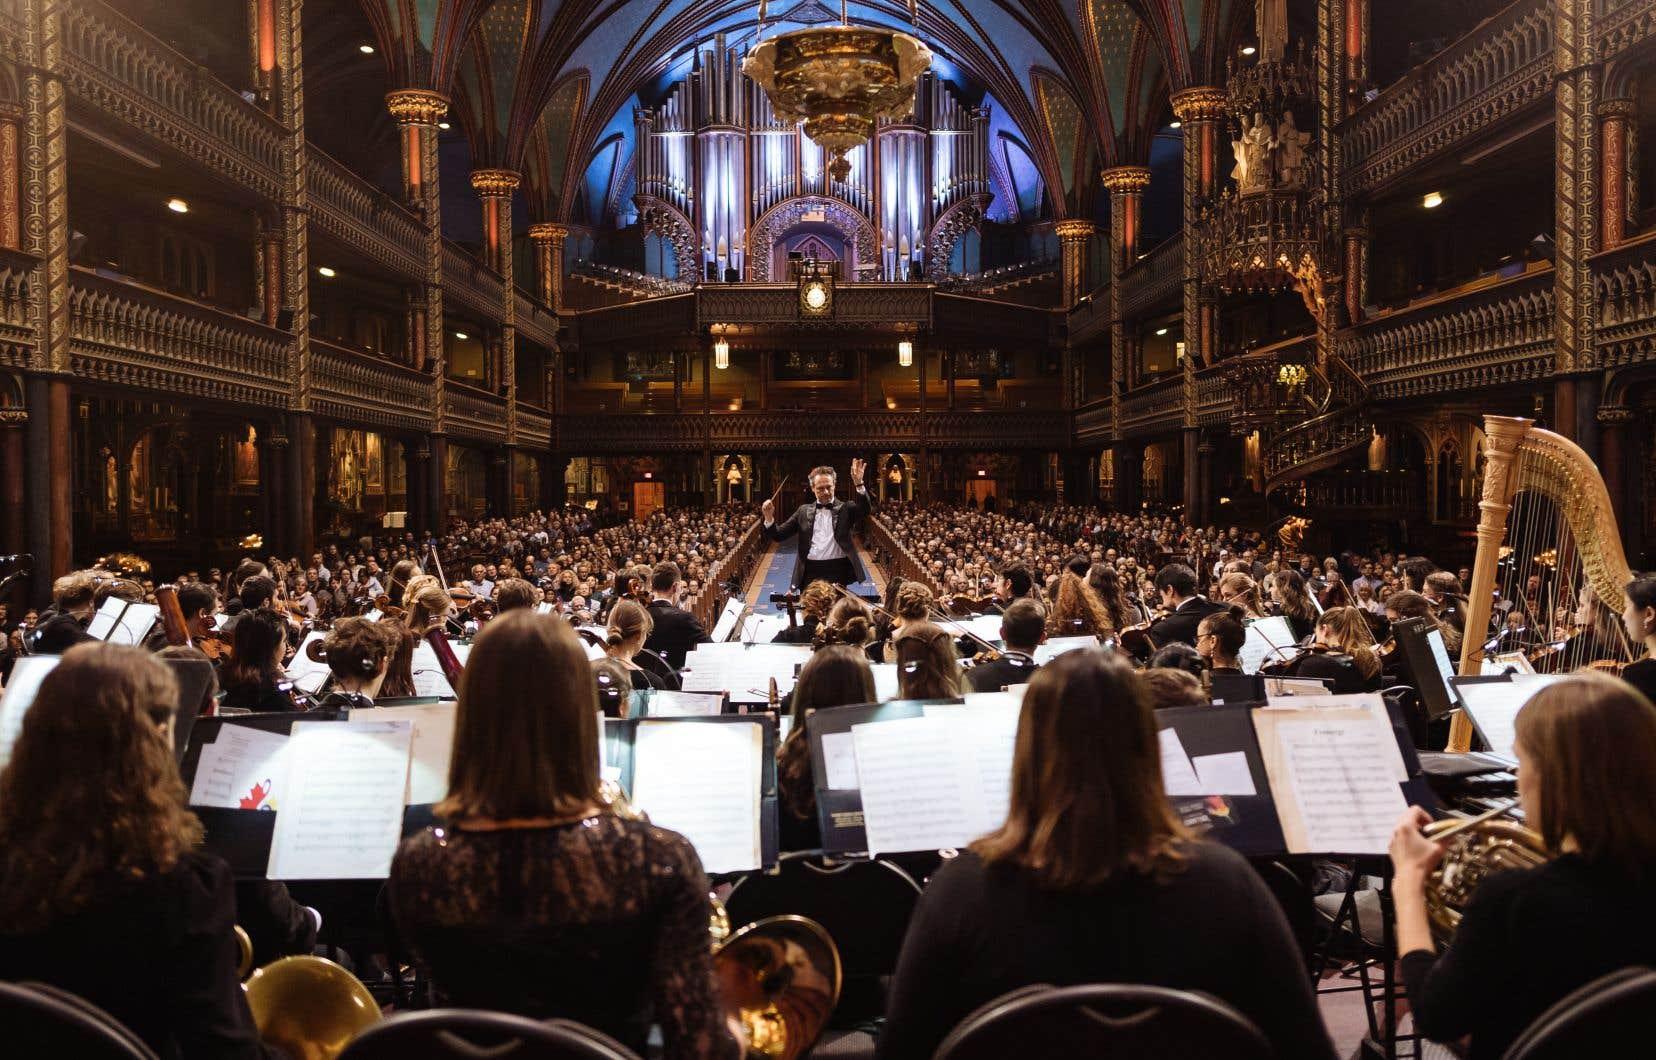 À la tête de cet orchestre de composé de 76 musiciennes et musiciens, dont 35 Européens de 16 pays, Montréal découvrait ce soir le chefautrichien Sascha Goetzel.